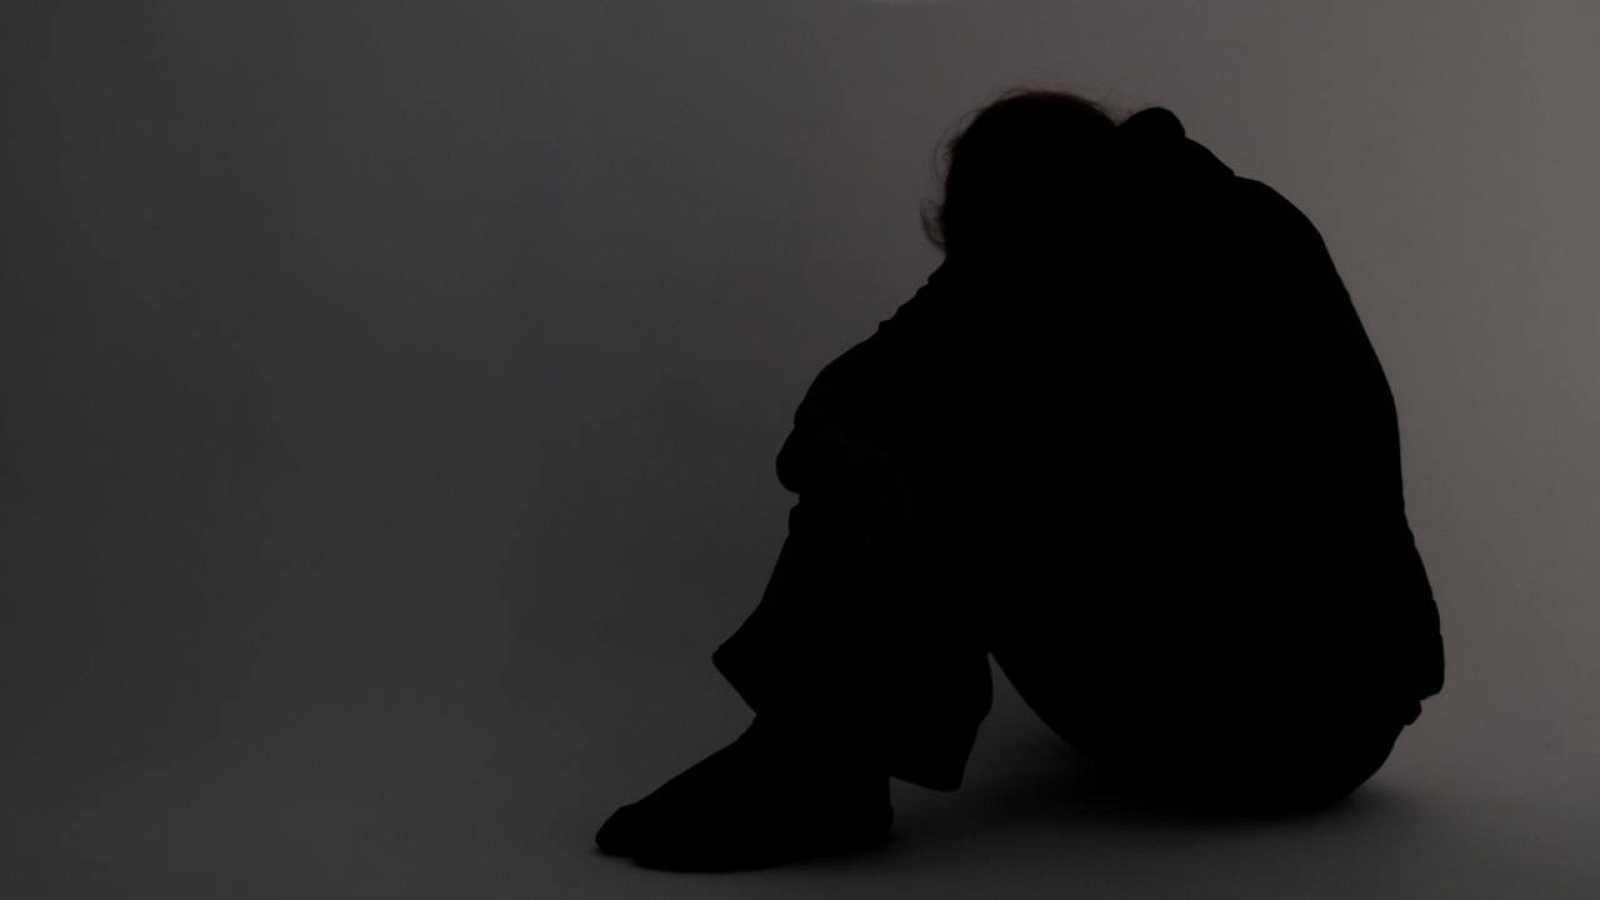 La justicia concede la incapacidad laboral permanente a una mujer por las secuelas psíquicas de una violación